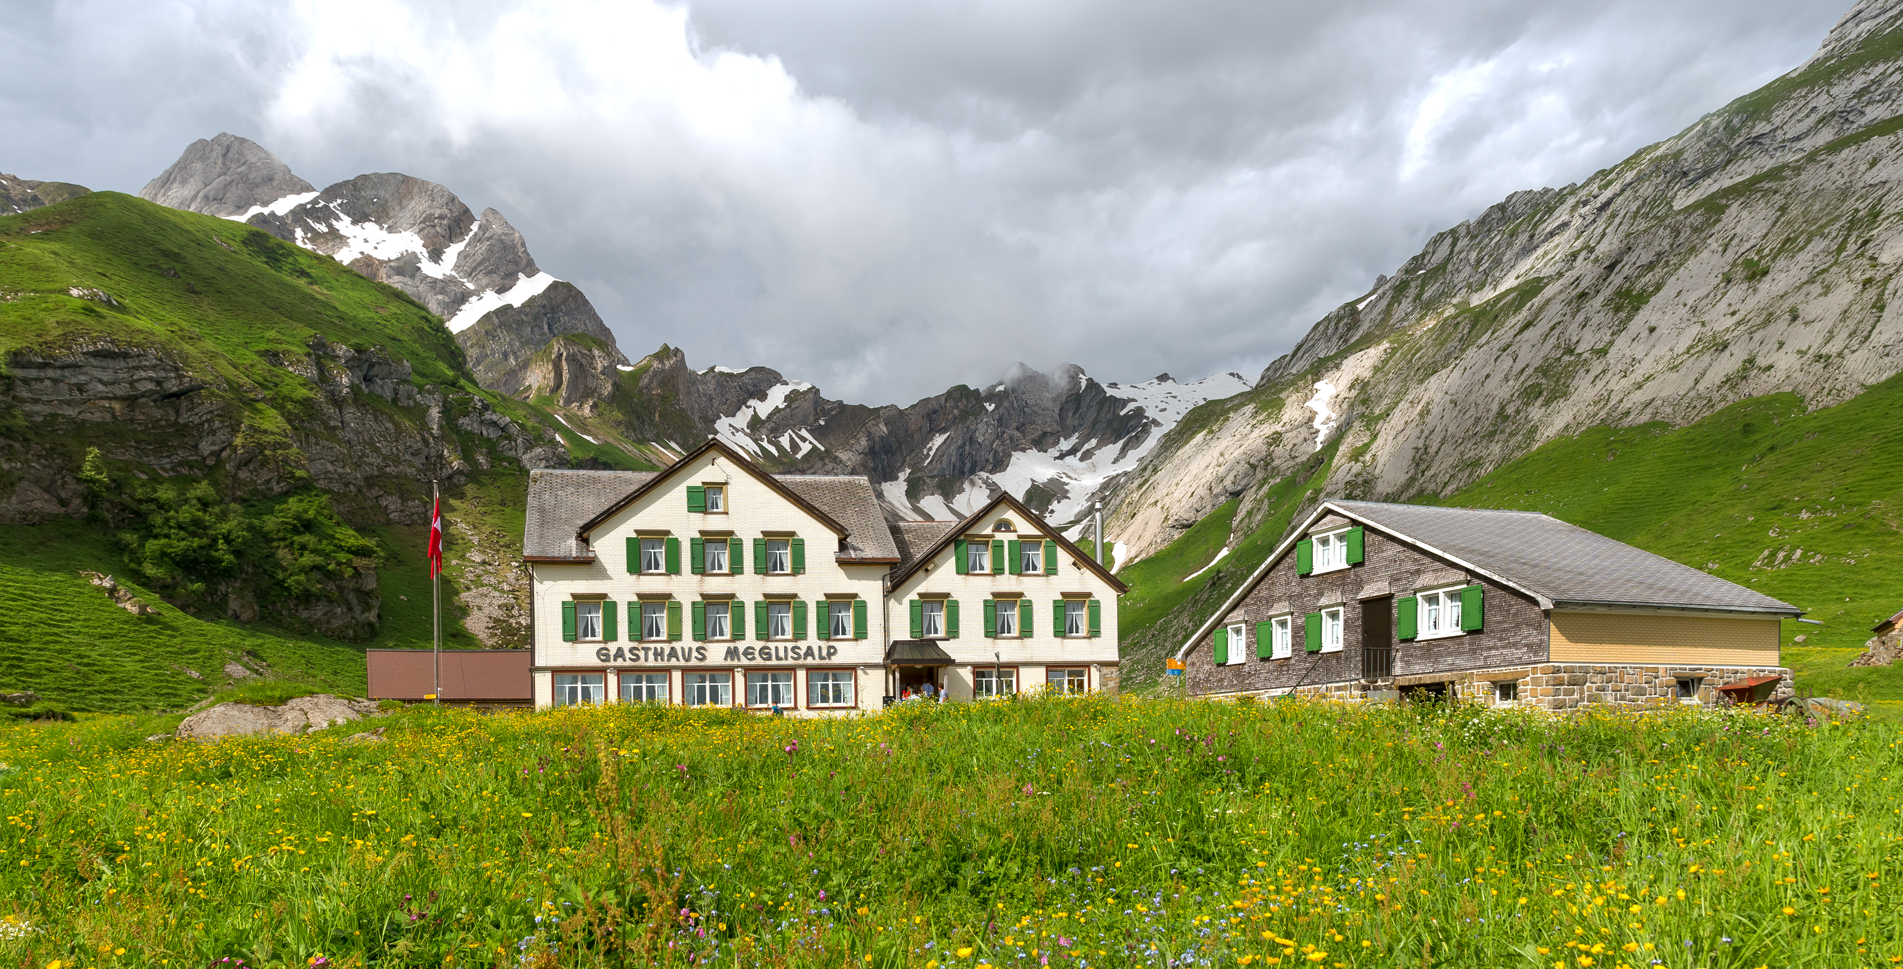 Berggasthaus Meglisalp im Alpstein, Appenzell